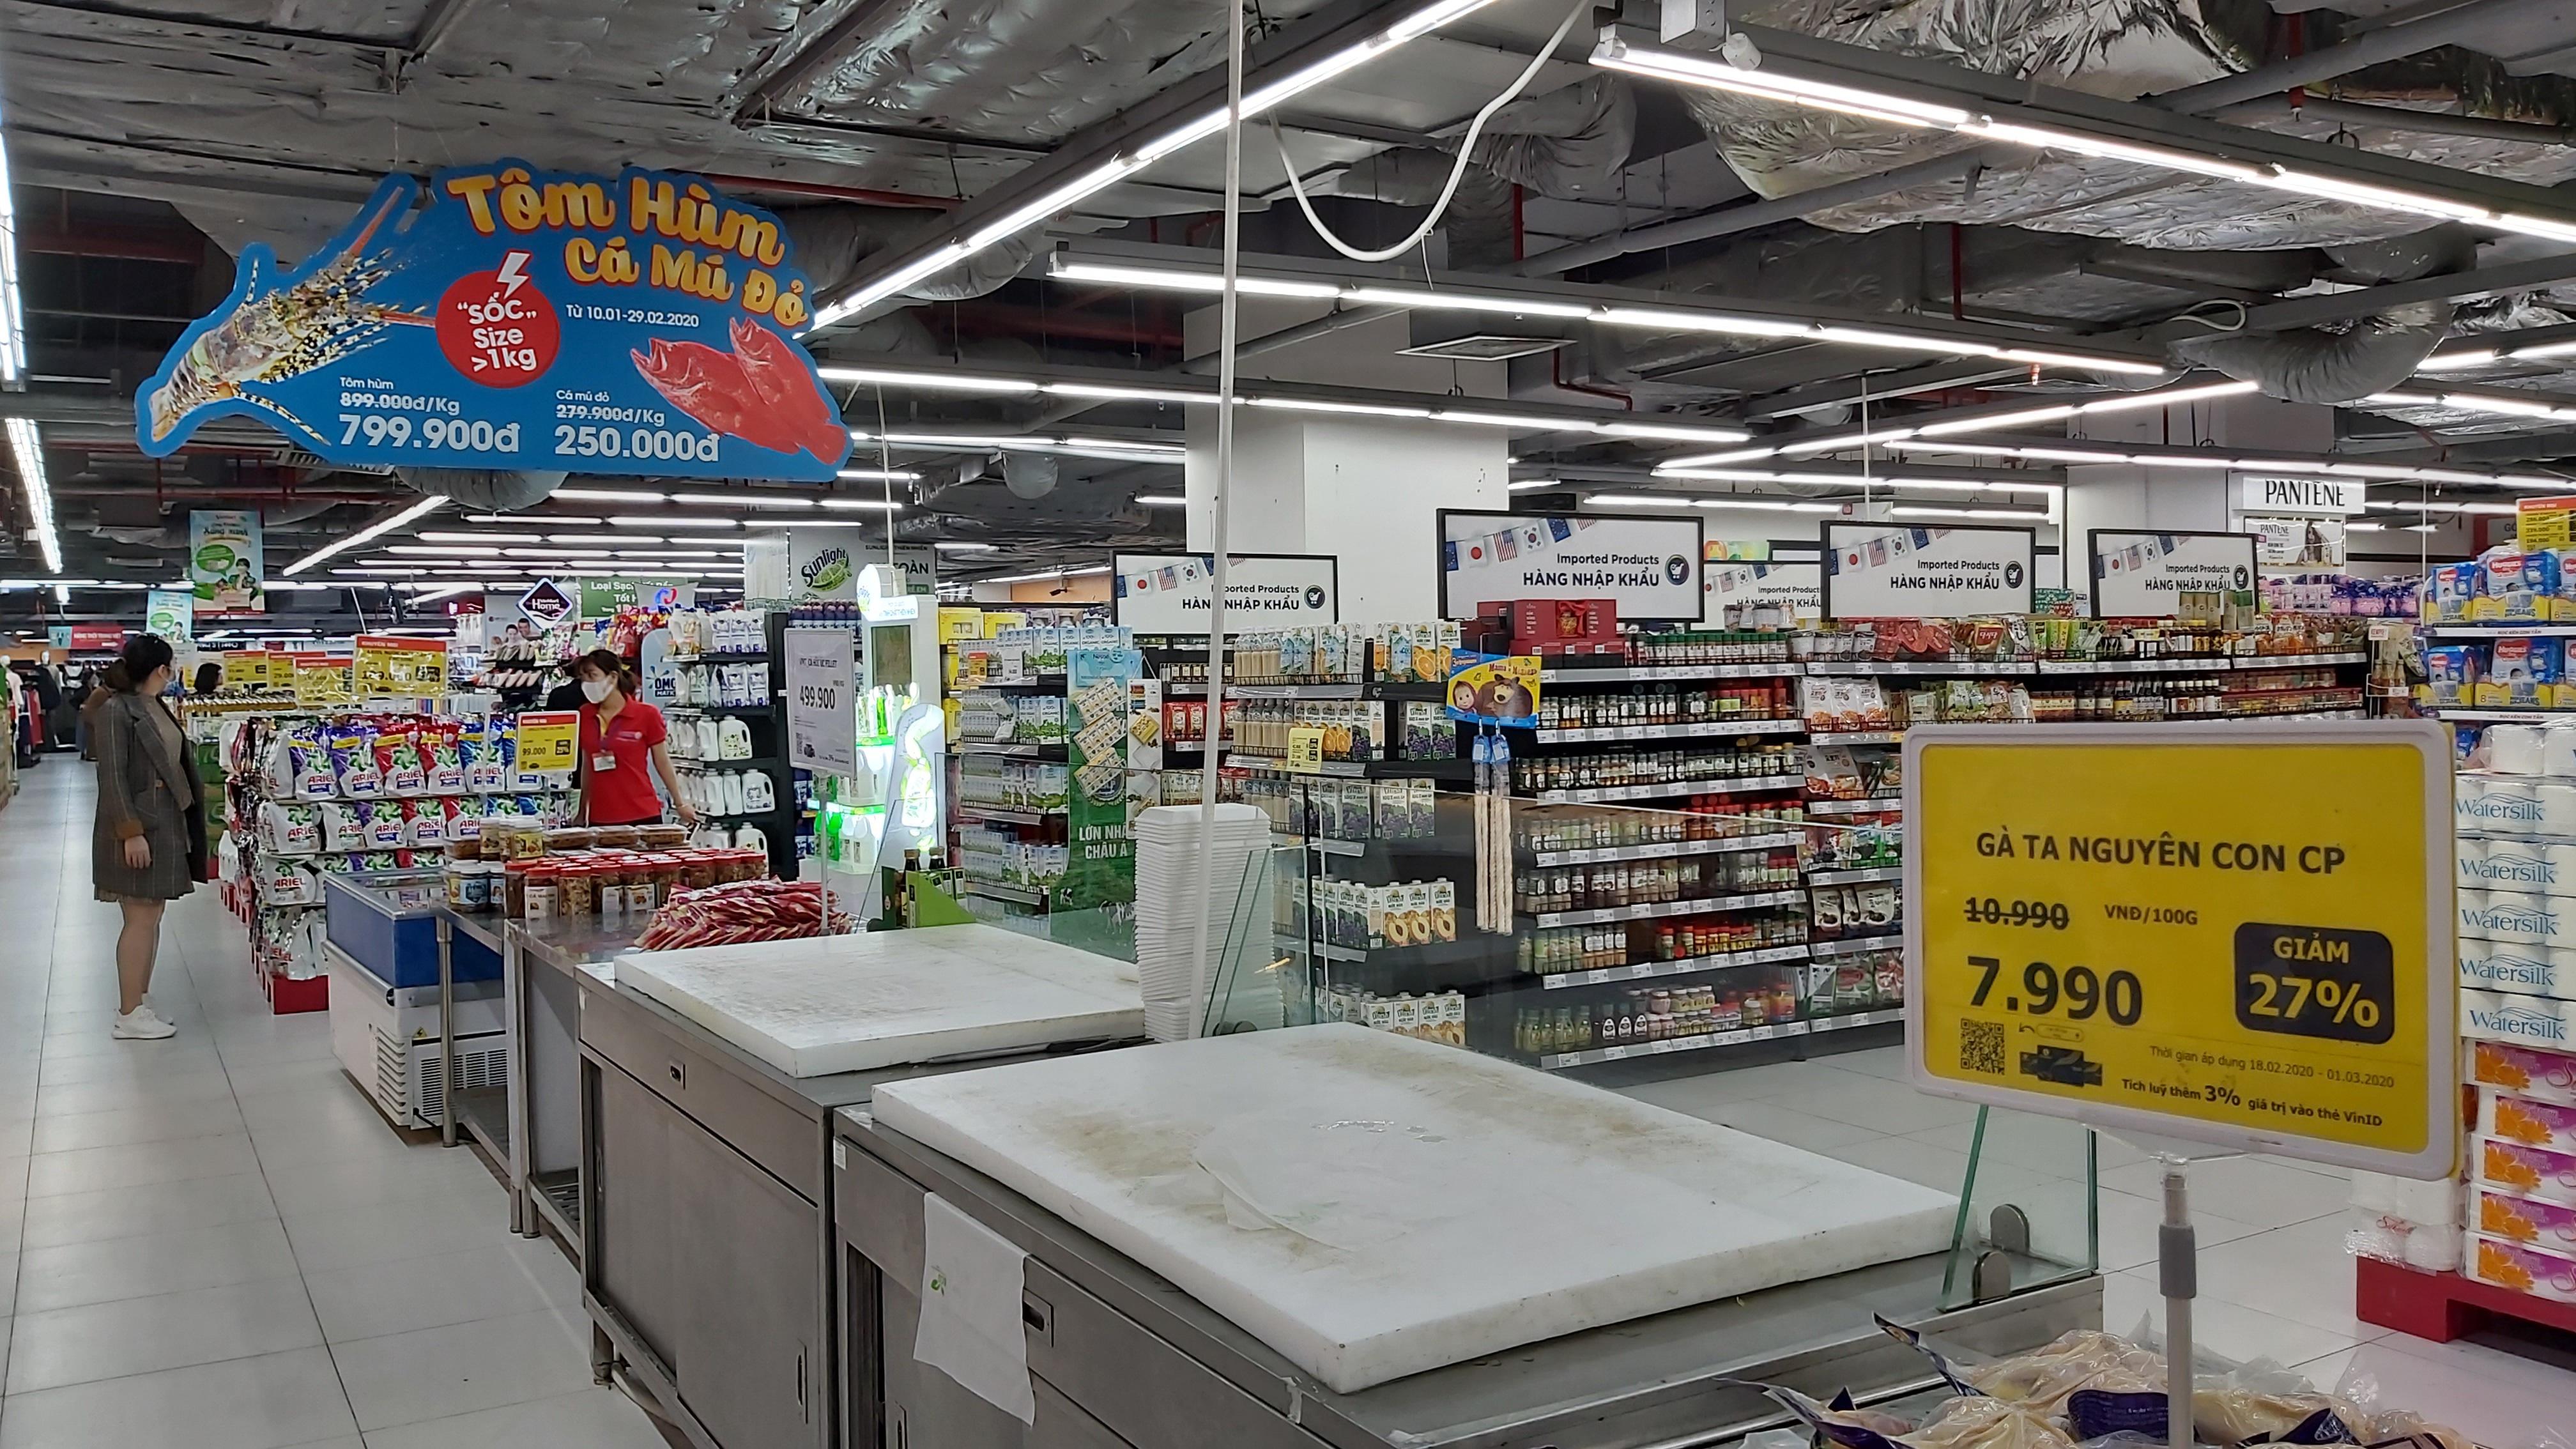 Dân Hà Nội lùng siêu thị, canh cả ngày không được